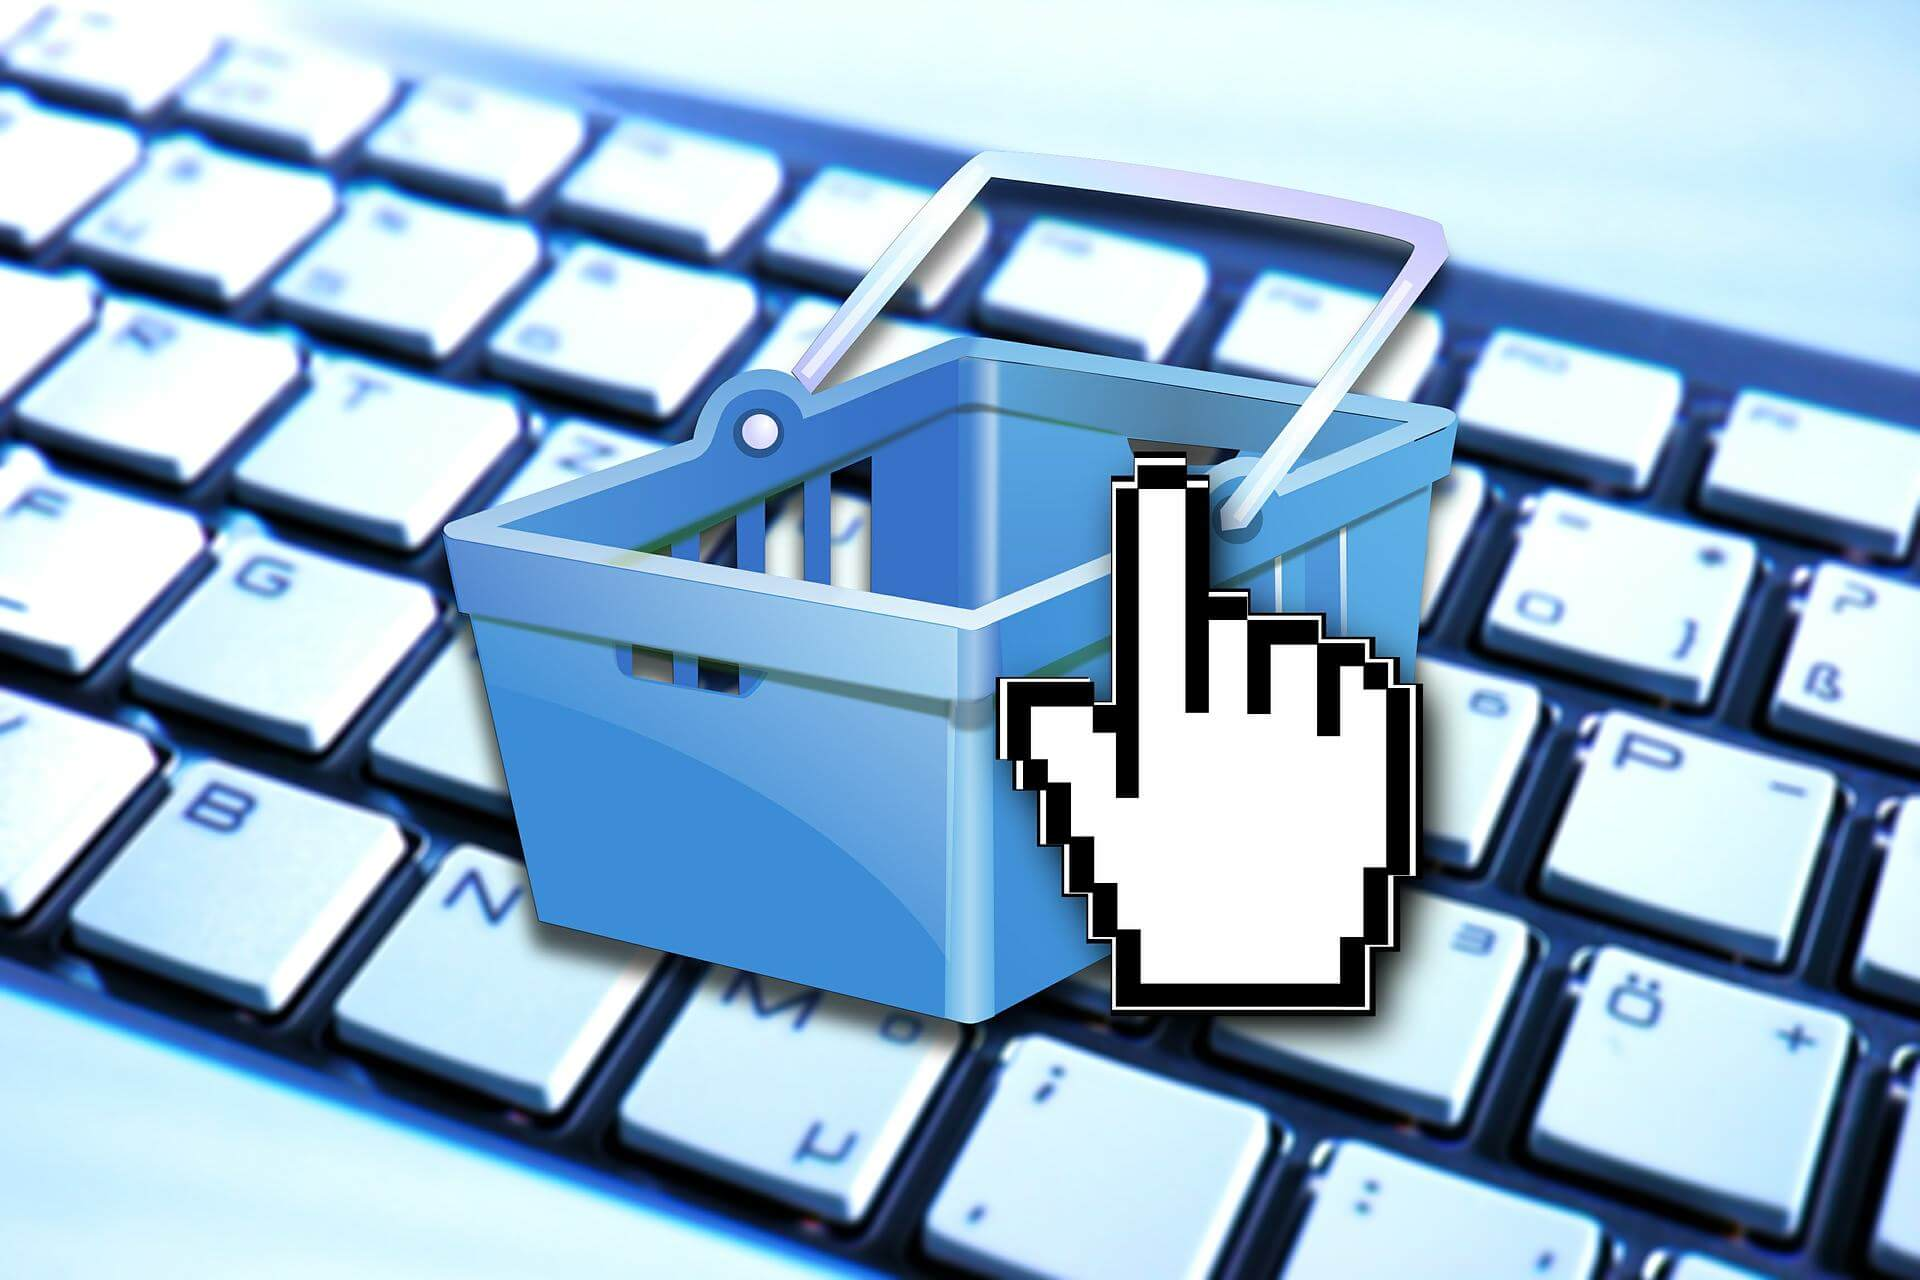 Páginas de ventas por Internet para las personas mayores